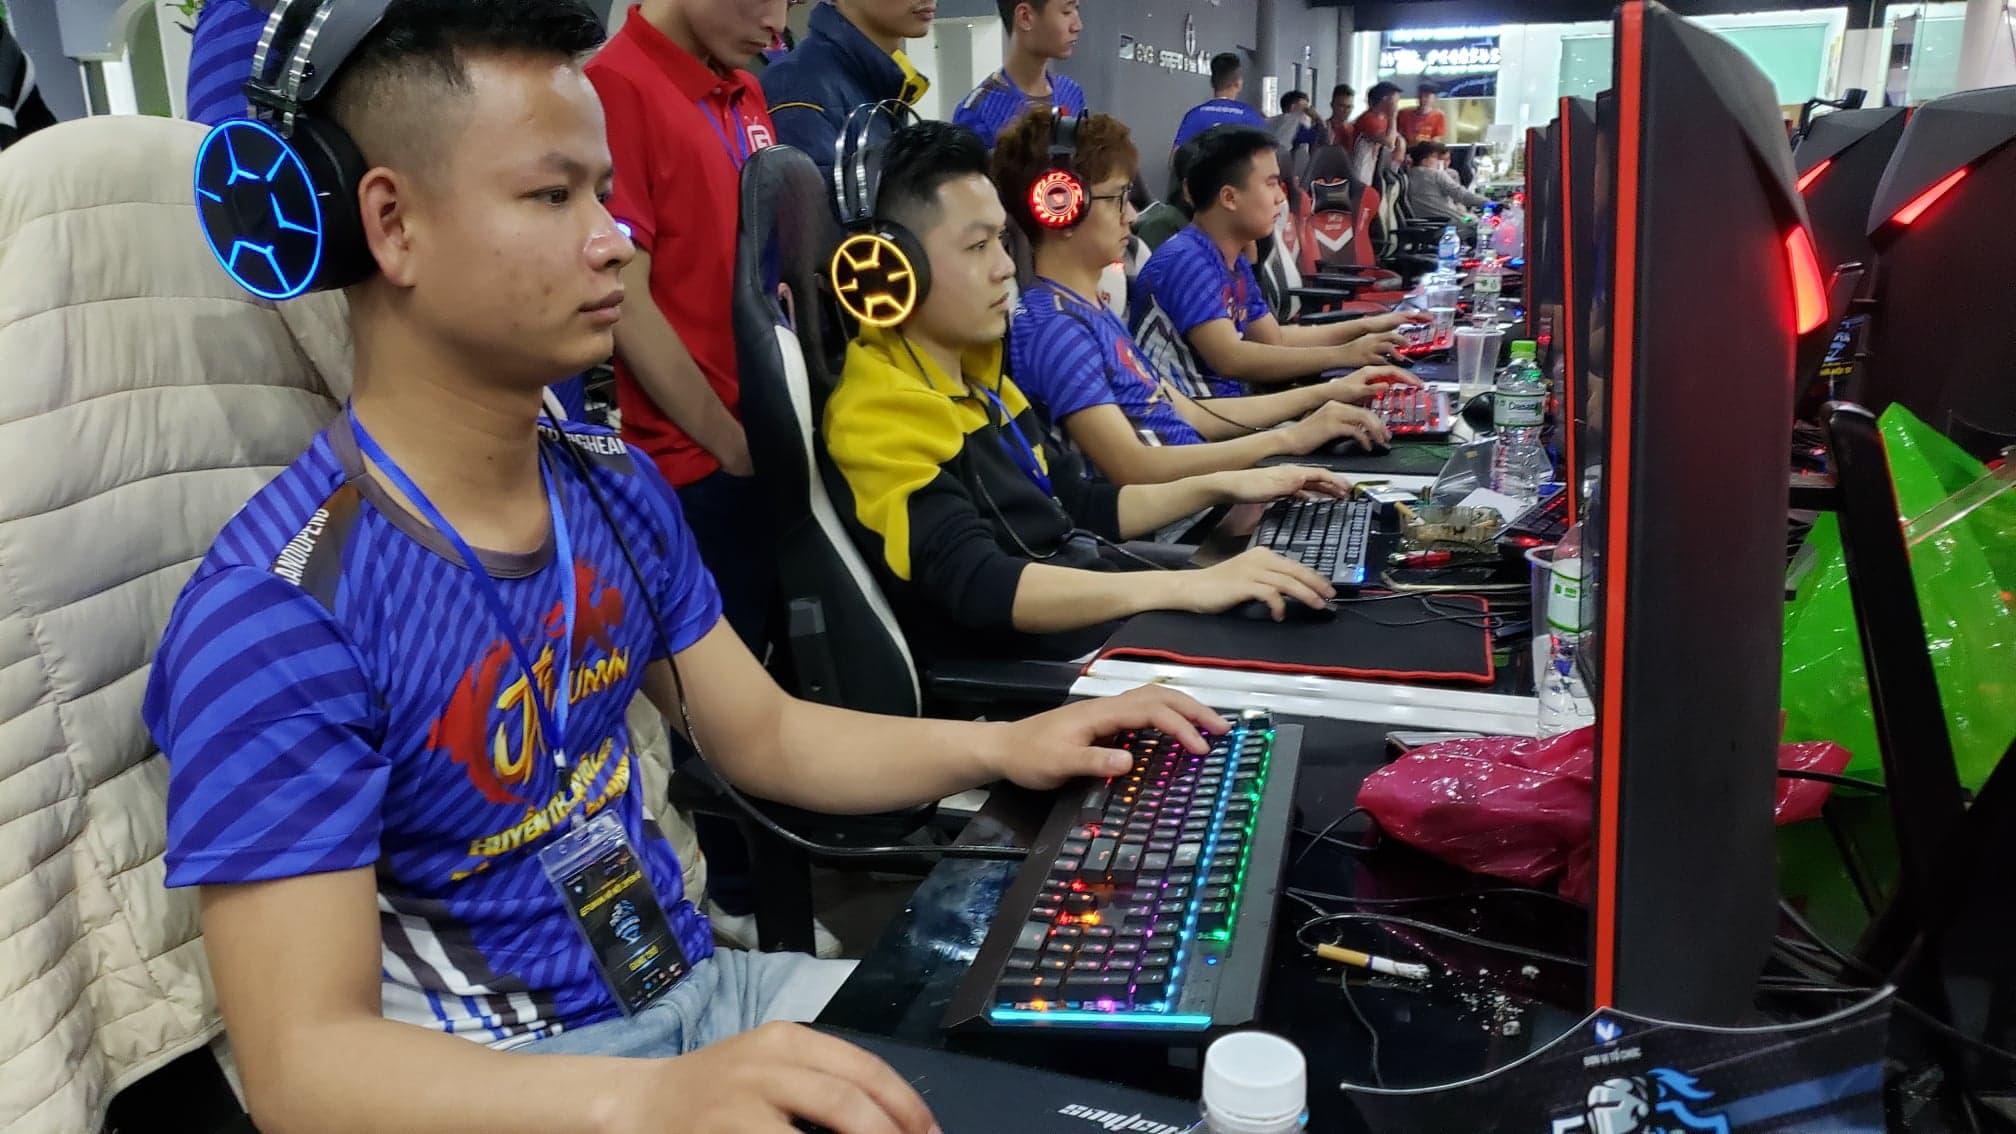 Nghệ An trở thành cựu vô địch khi bị loại ngay từ vòng bảng nội dung 4vs4 Random